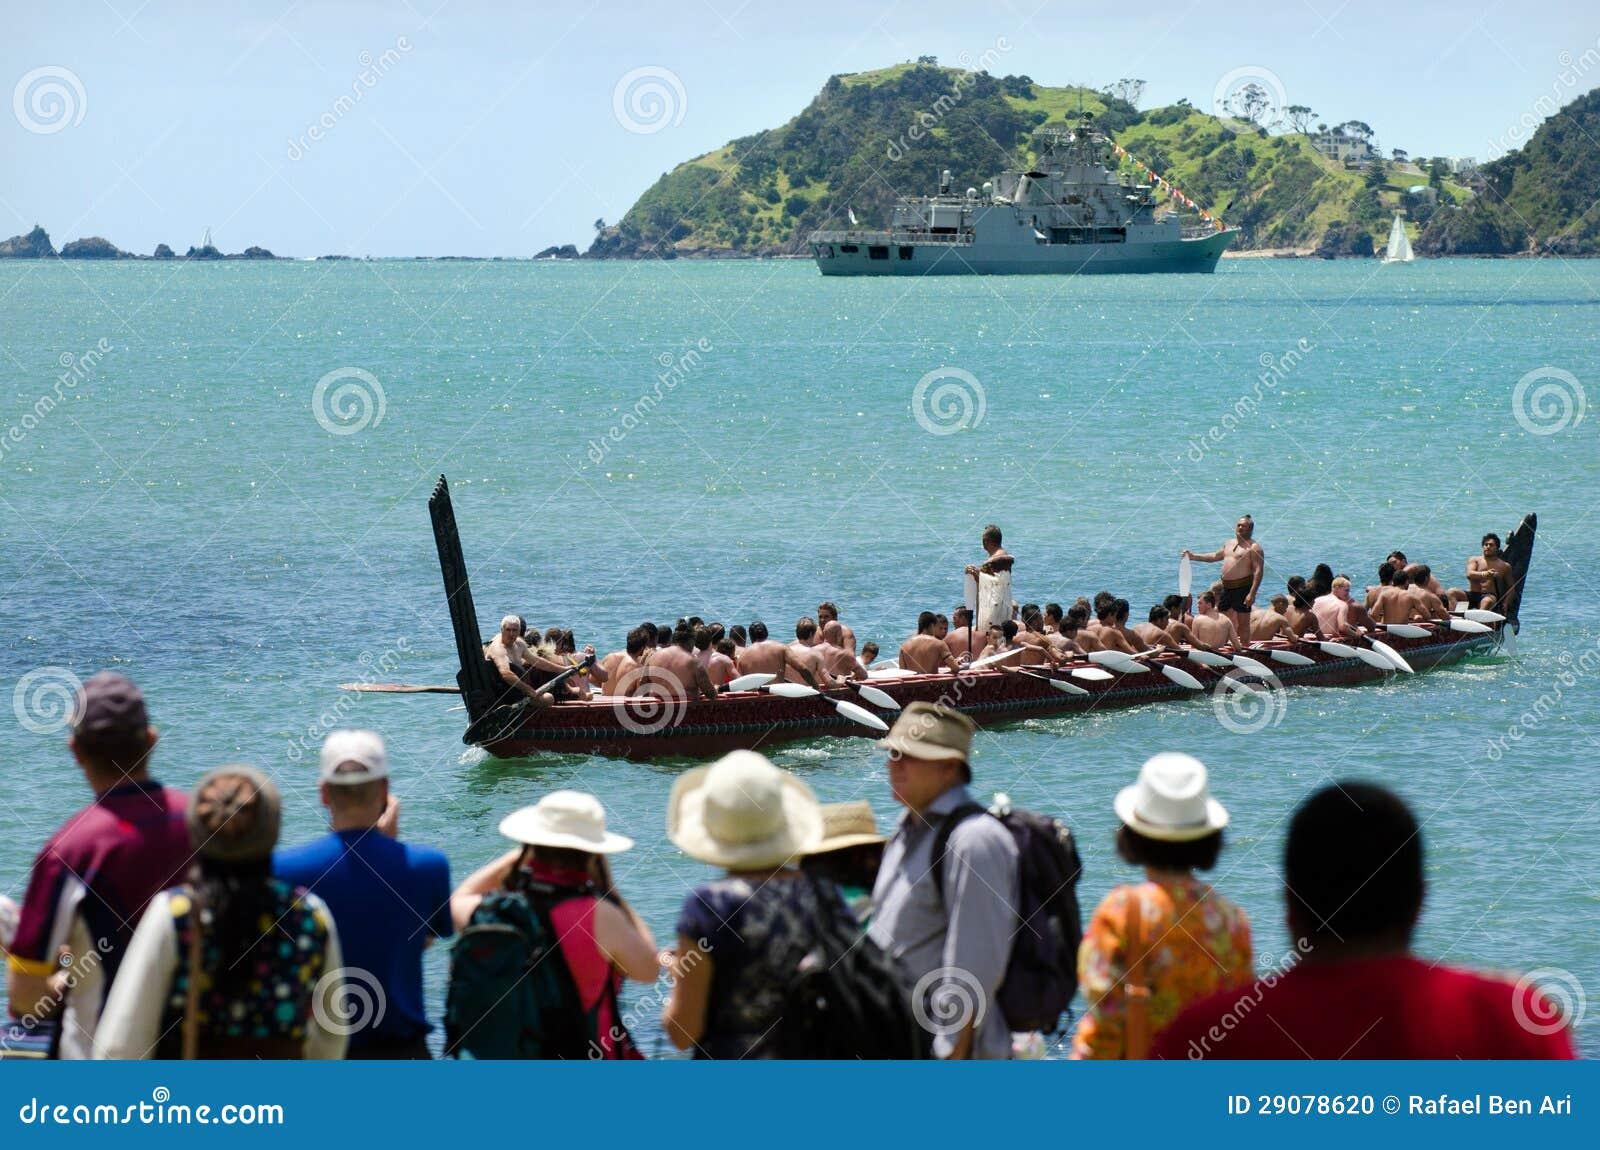 Waitangi Day And Festival - New Zealand Public Holiday 2013 Editorial Image - Image: 29078620